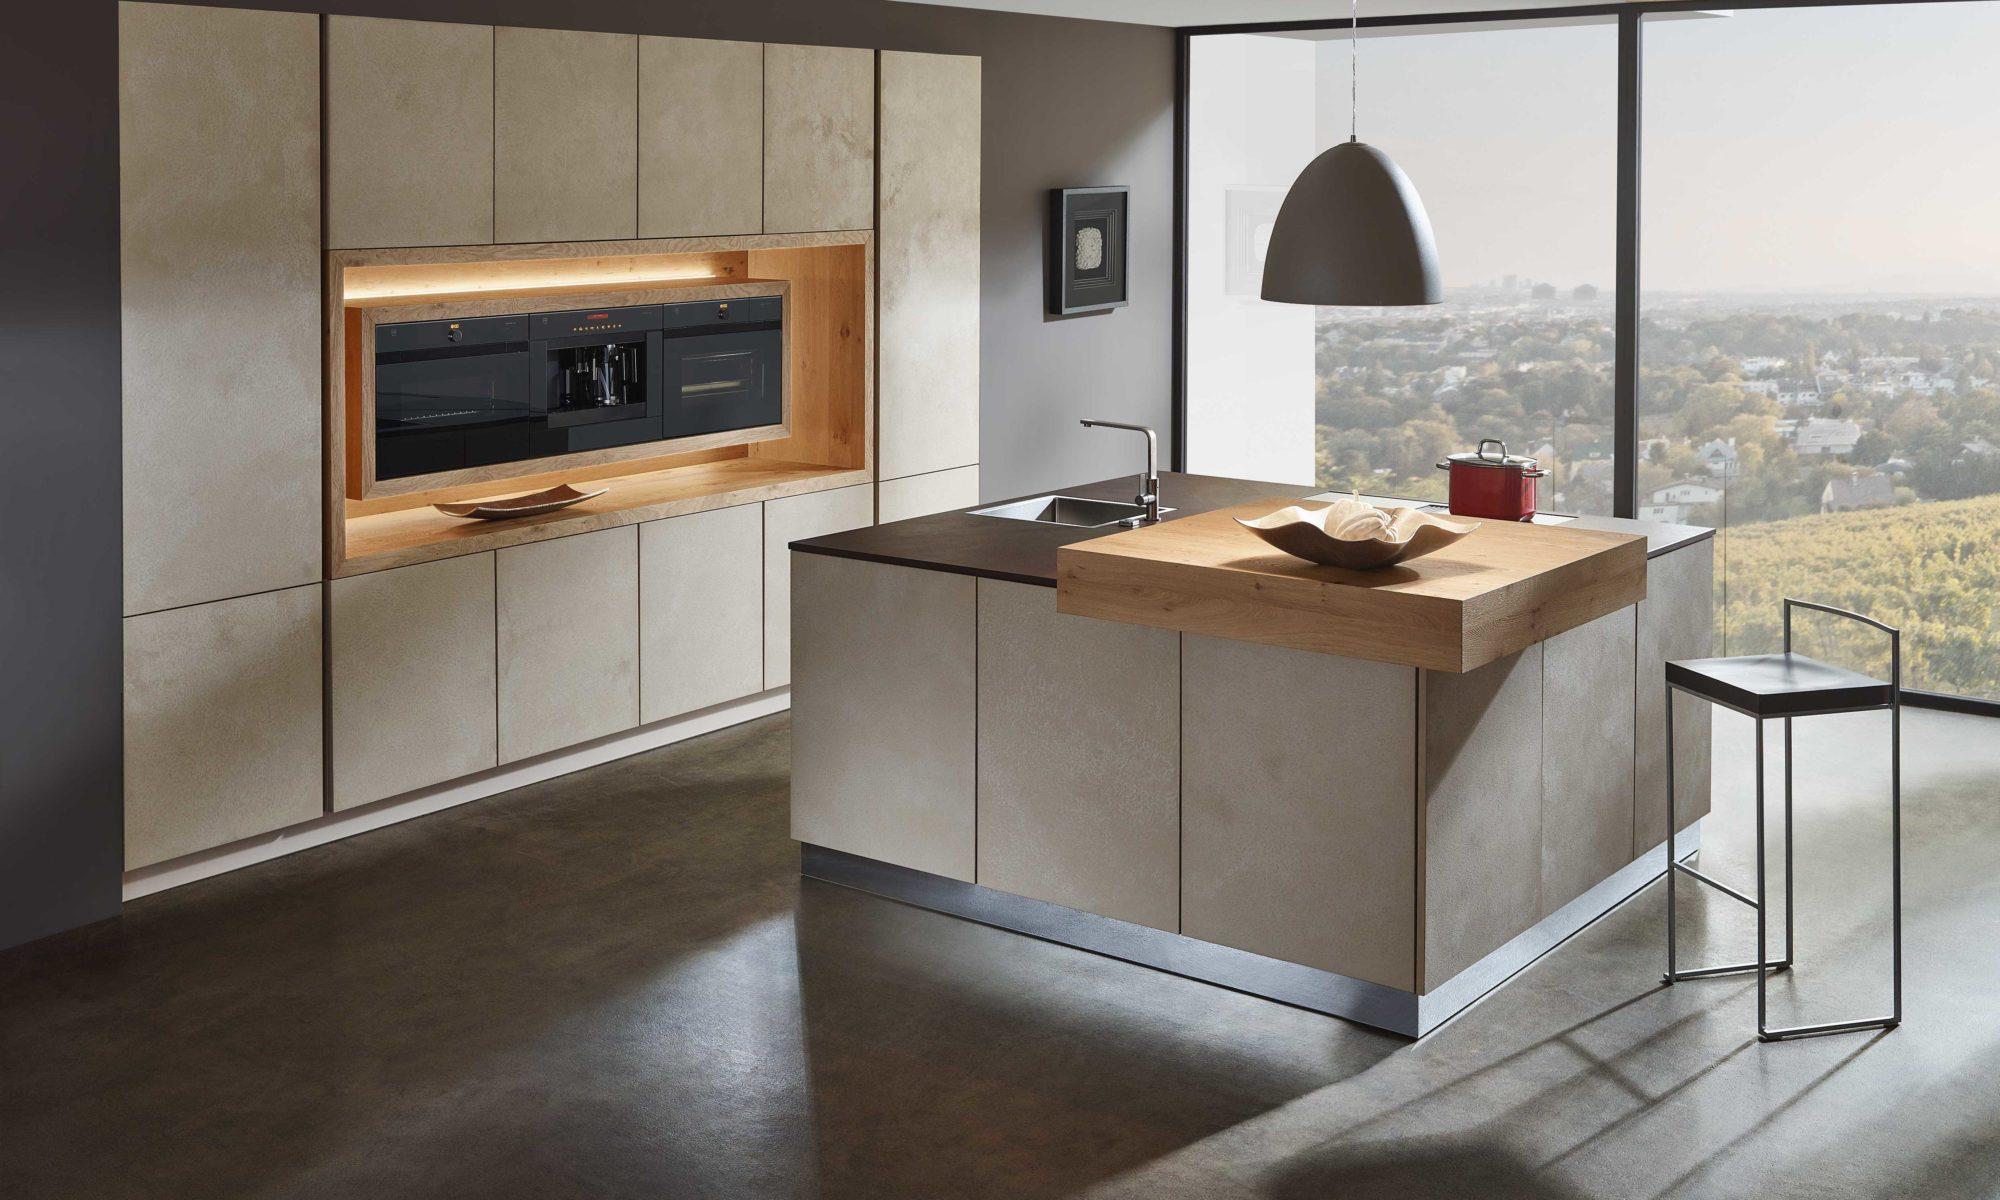 Sachsen Küchen, Tessa, Holz, Design, grau, modern, Glas